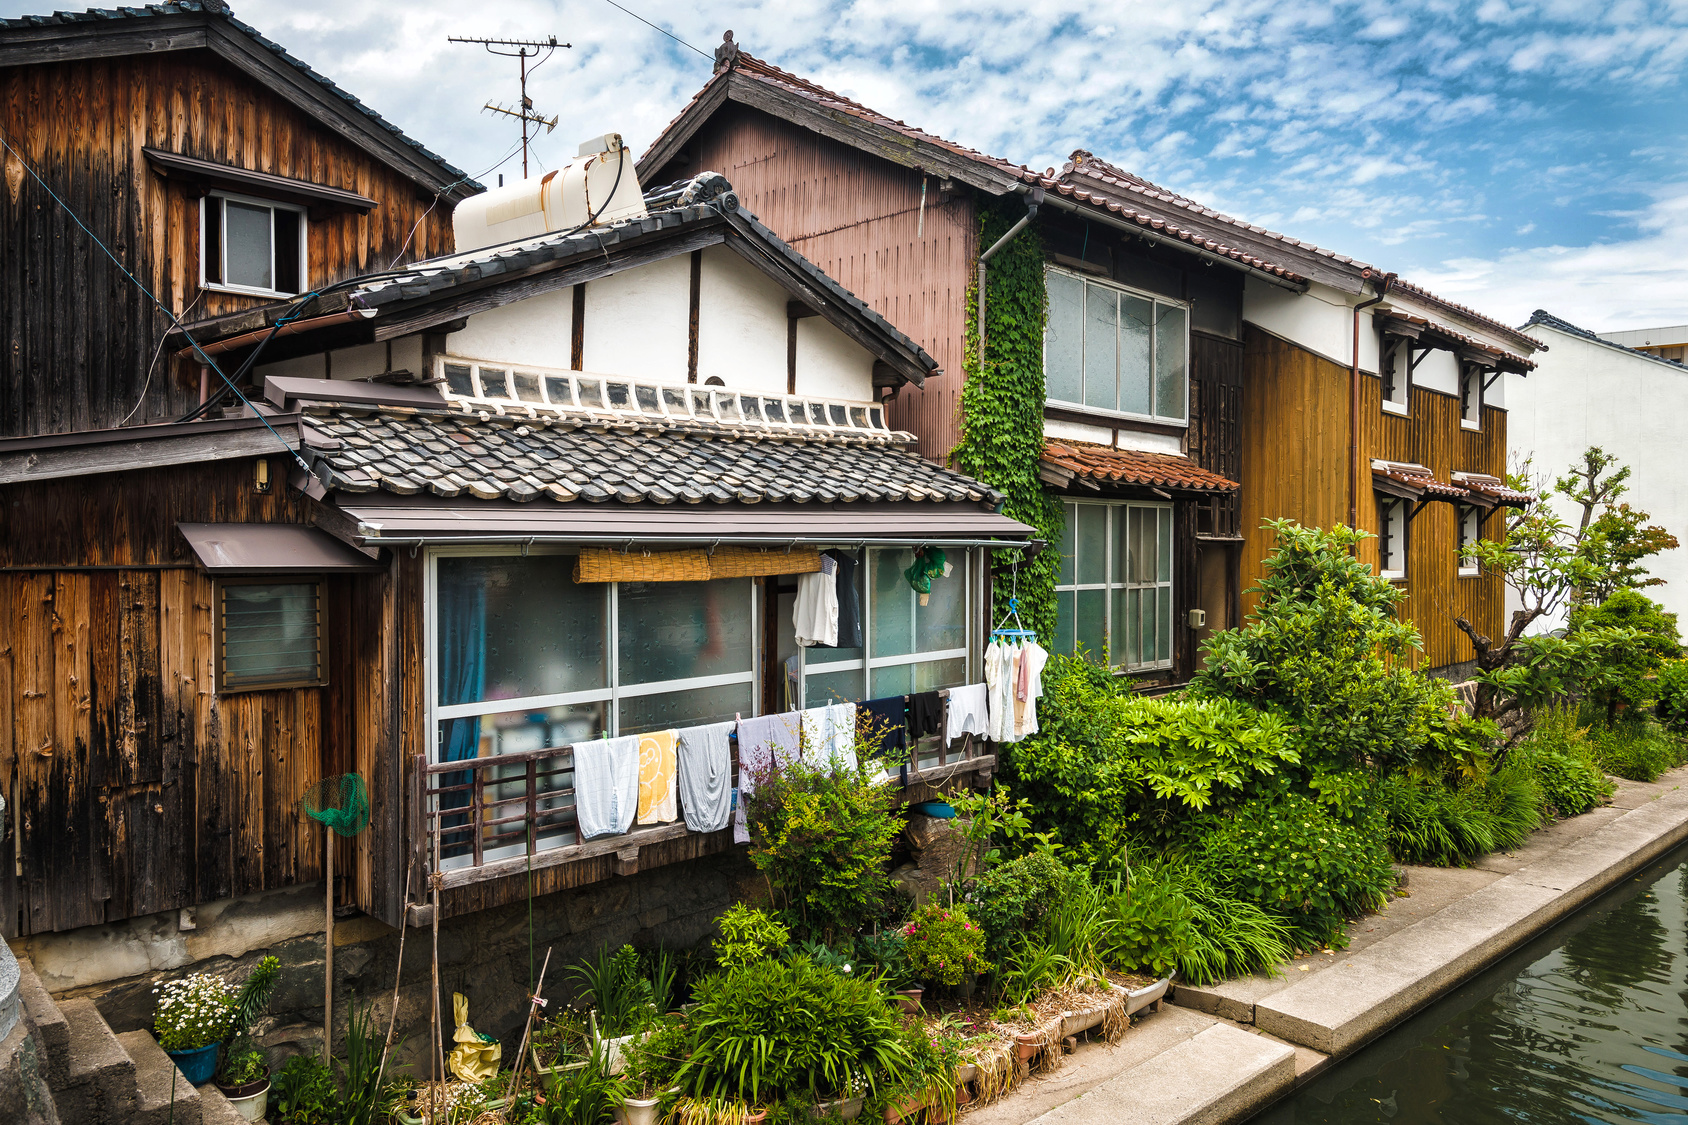 Hébergement au japon : où se loger ?